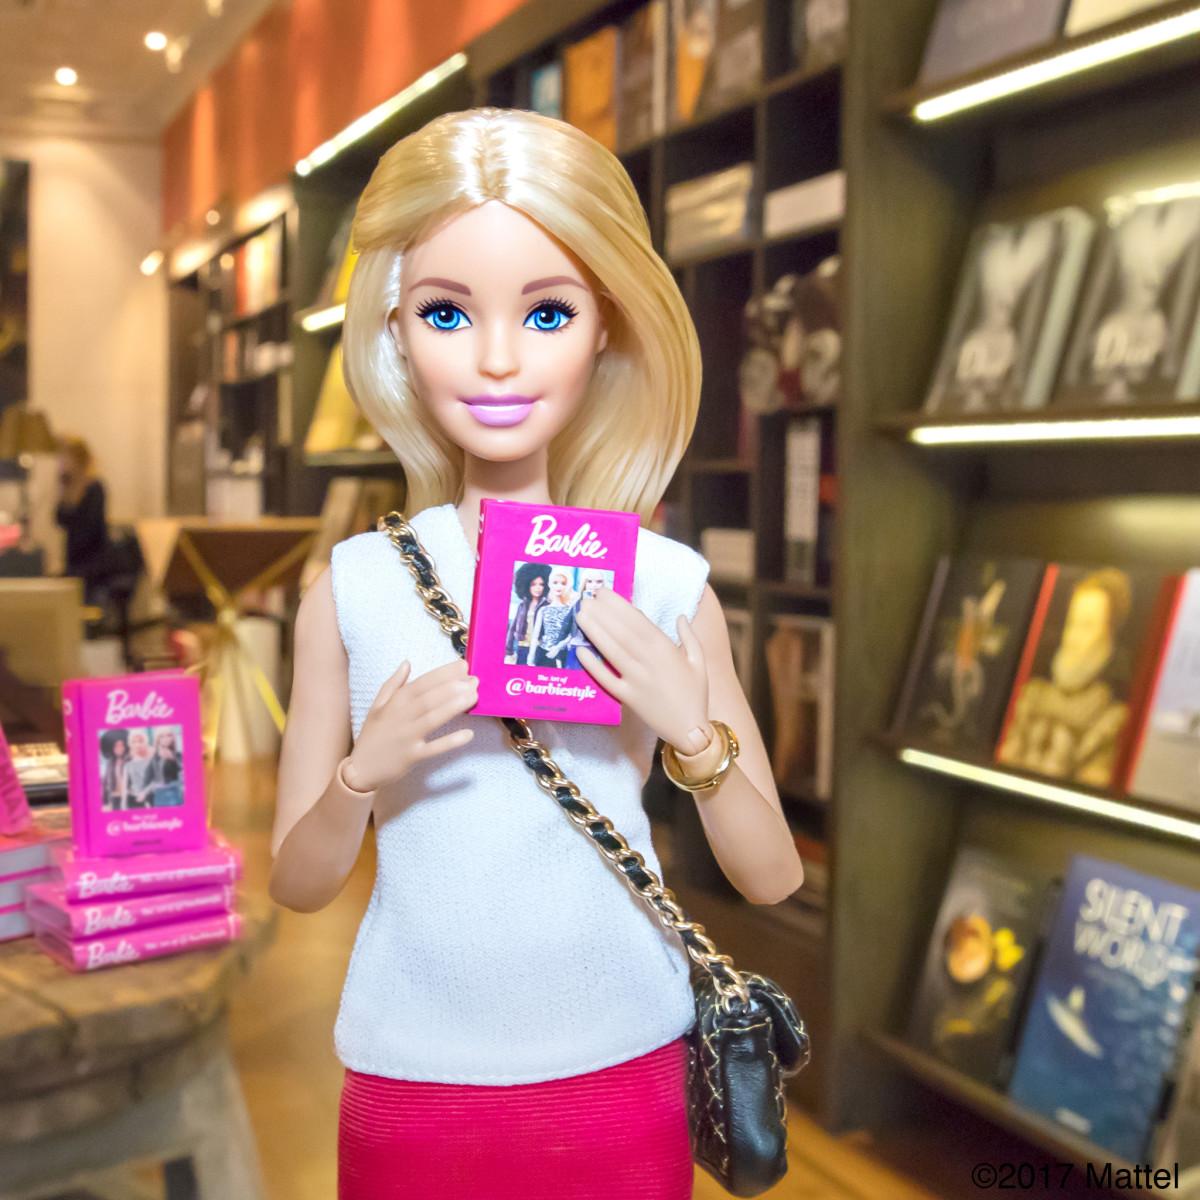 Consigli di Stile? Chiedili a Barbie!